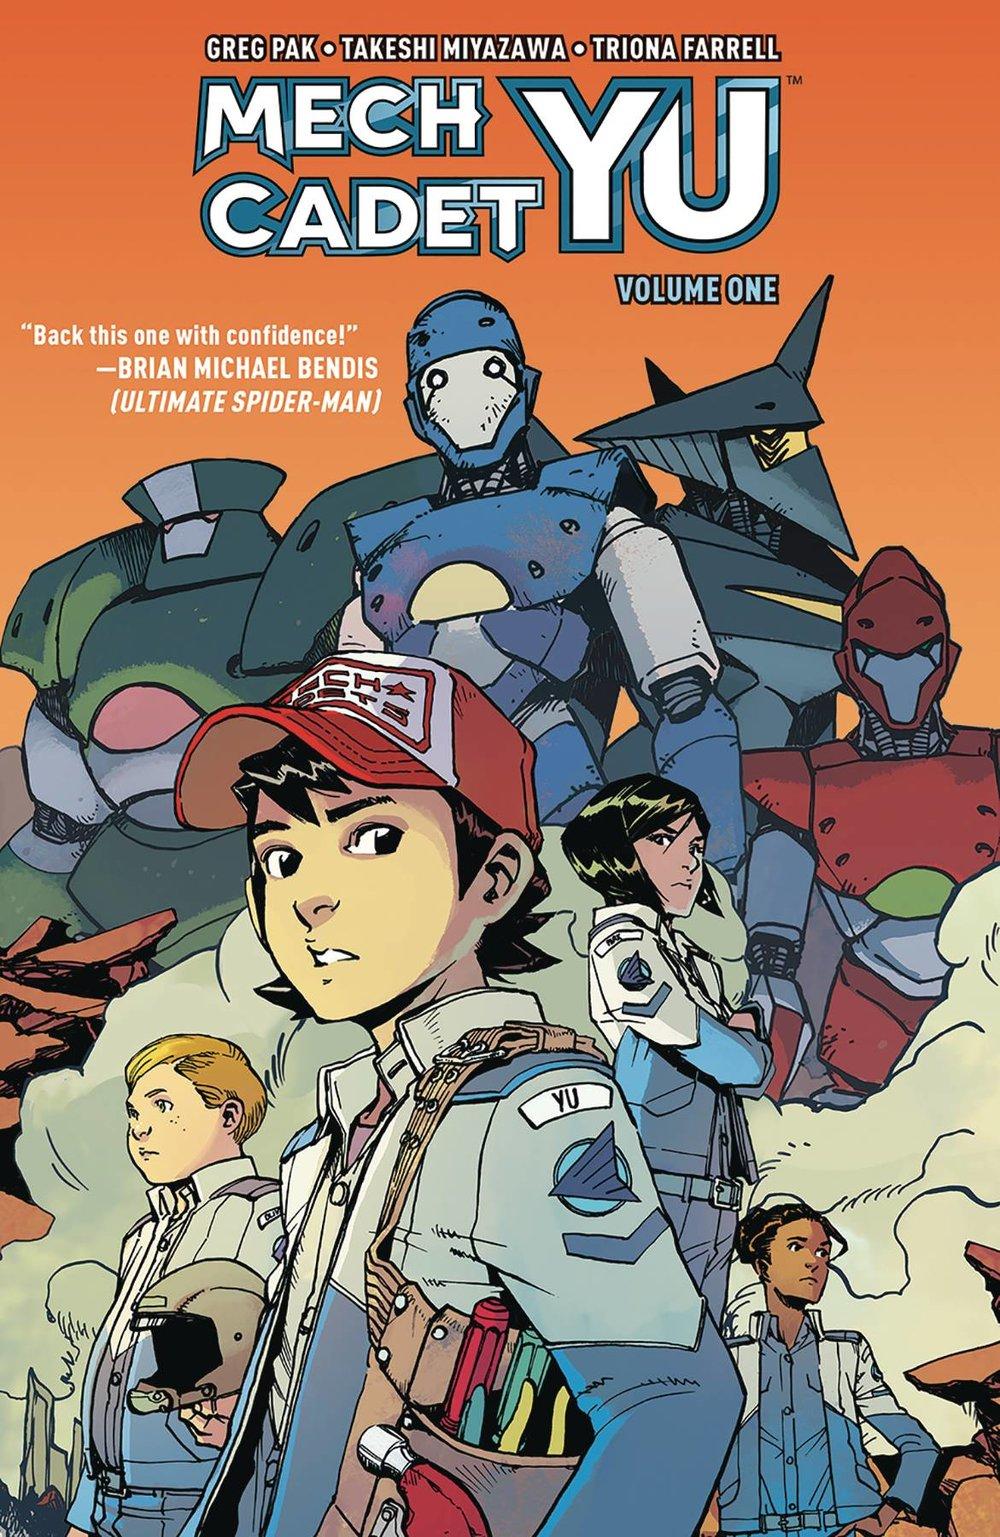 Mech Cadet Yu by Greg Pak & Takeshi Miyazawa